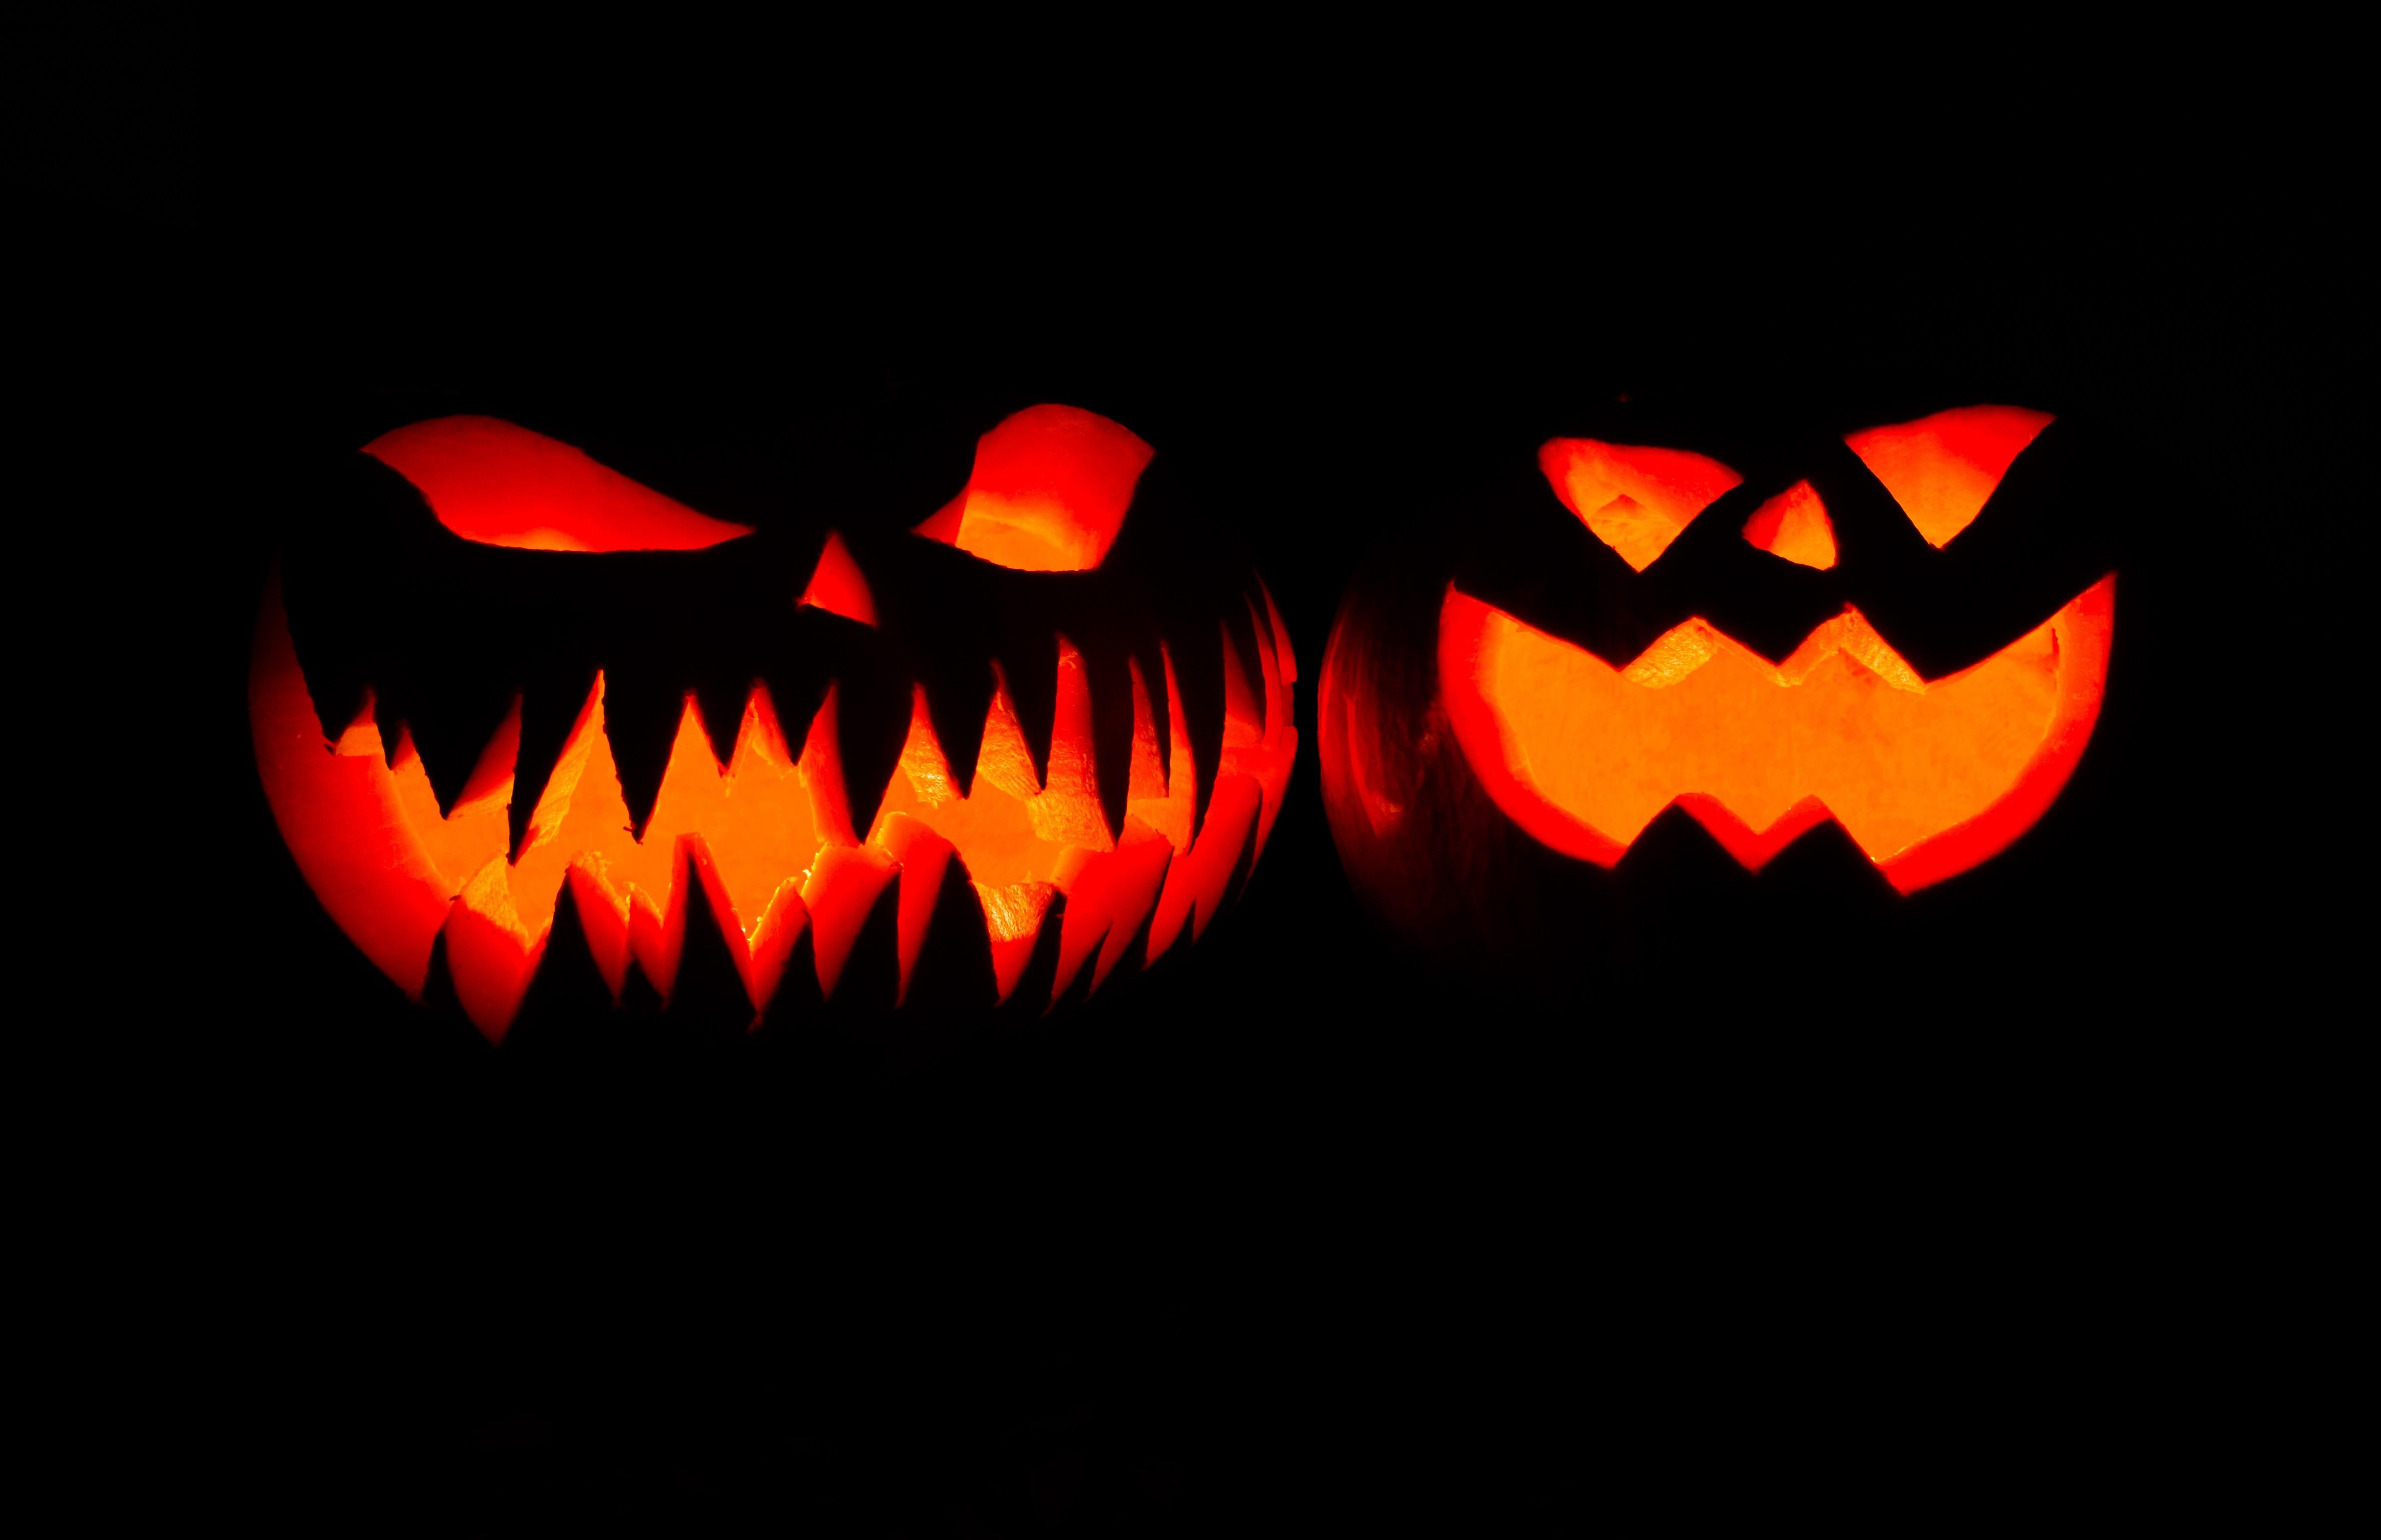 Images gratuites nuit tomber effrayant orange l 39 automne halloween vacances police de - Citrouille effrayante ...